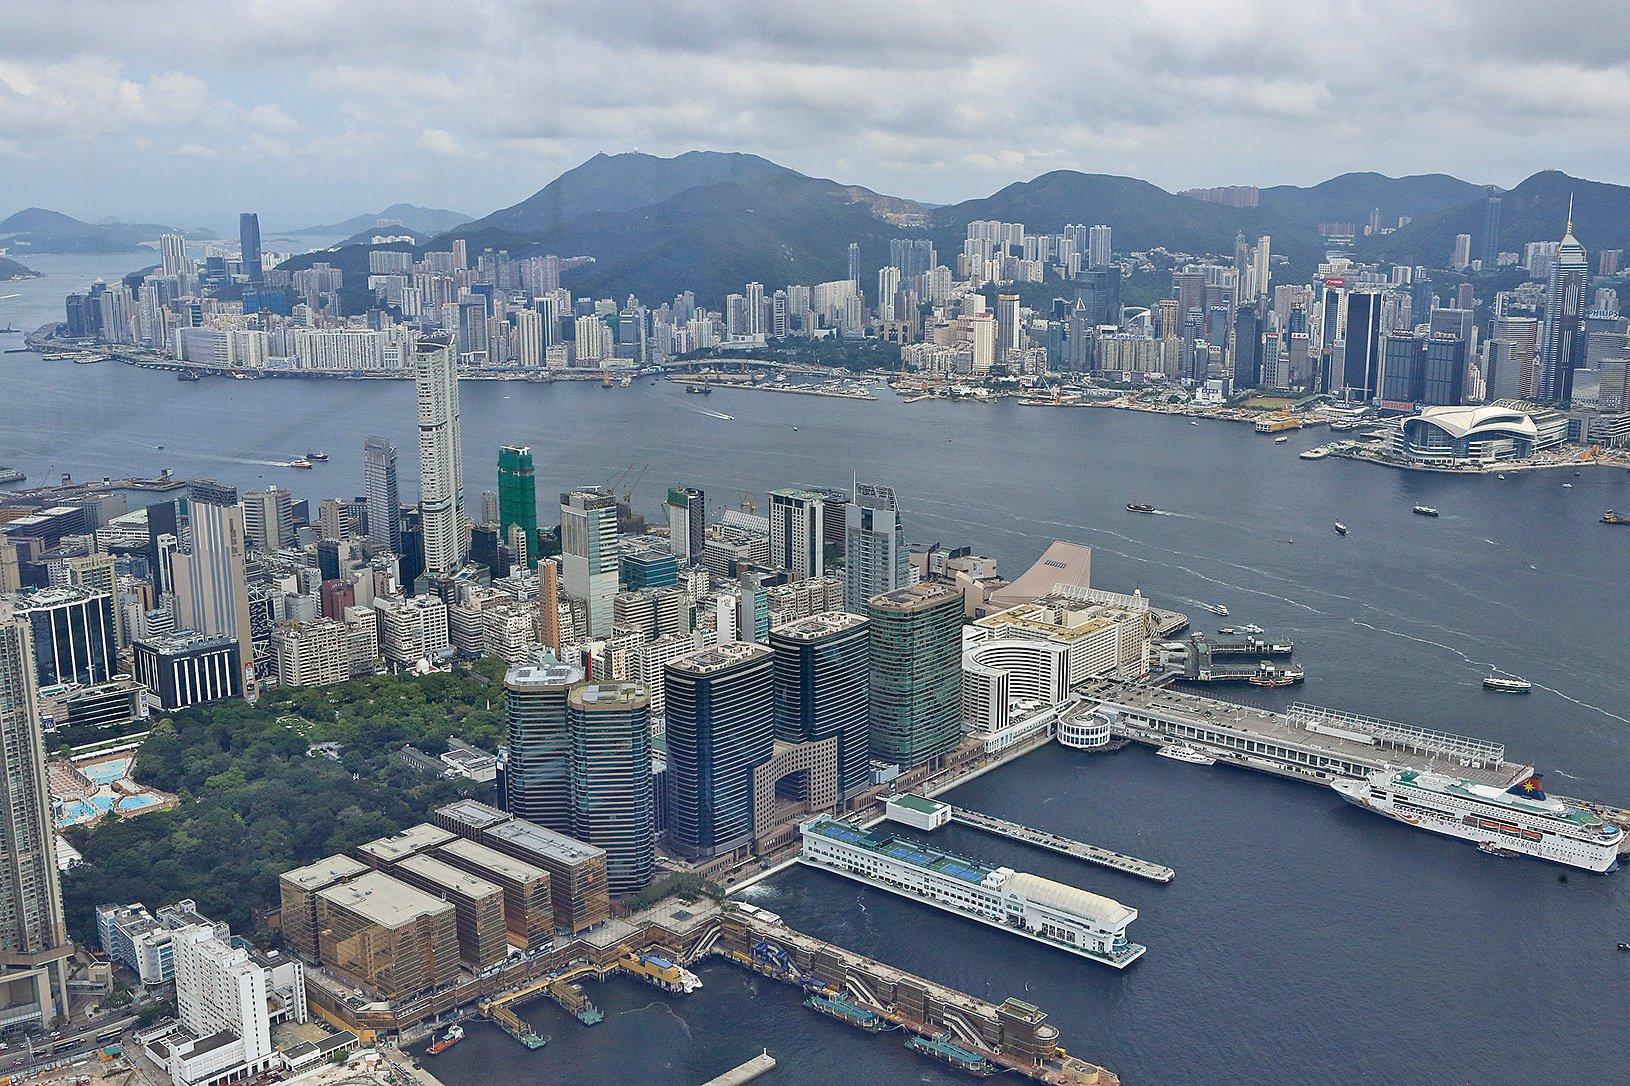 政府下季將出售5幅住宅地,連同港鐵兩個項目,土地供應合共涉及4,600個單位。(大紀元資料圖片)